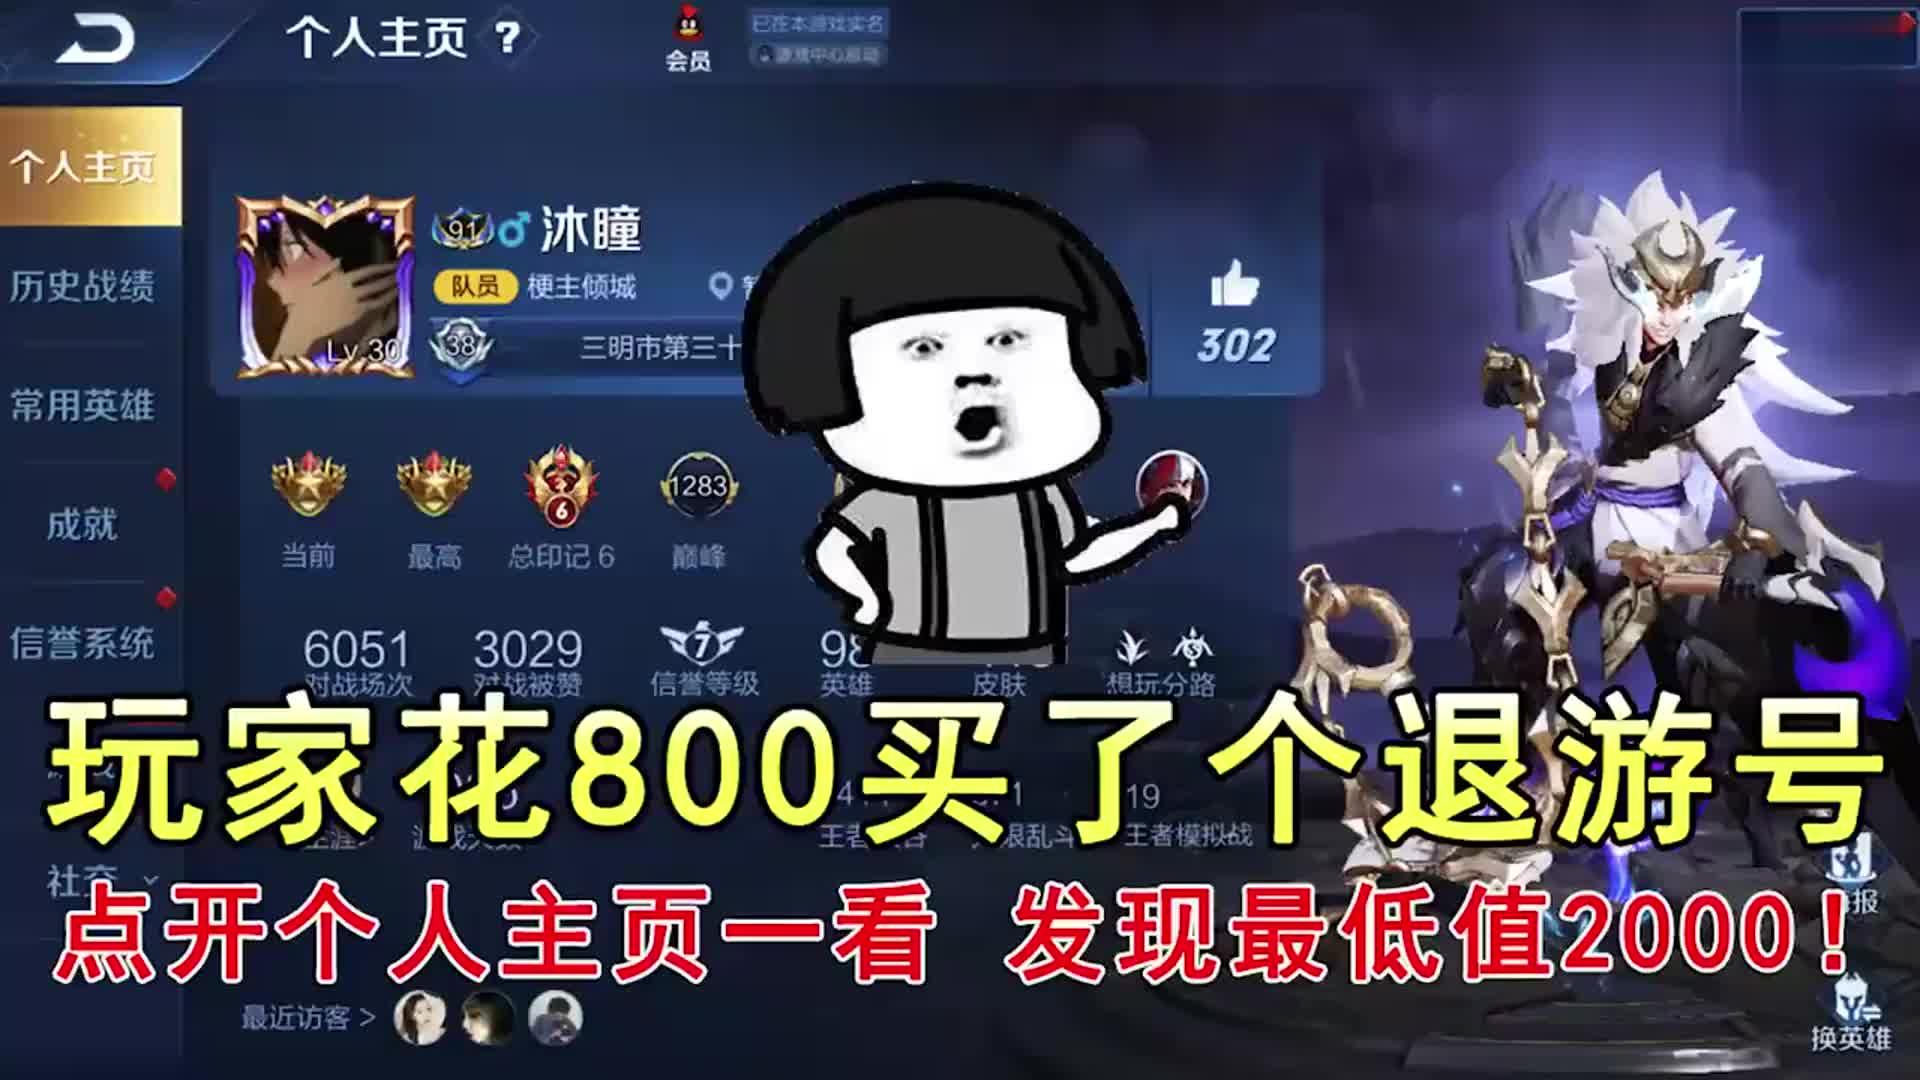 玩家花800买了个退游号,点开个人主页一看,发现最低值2000!